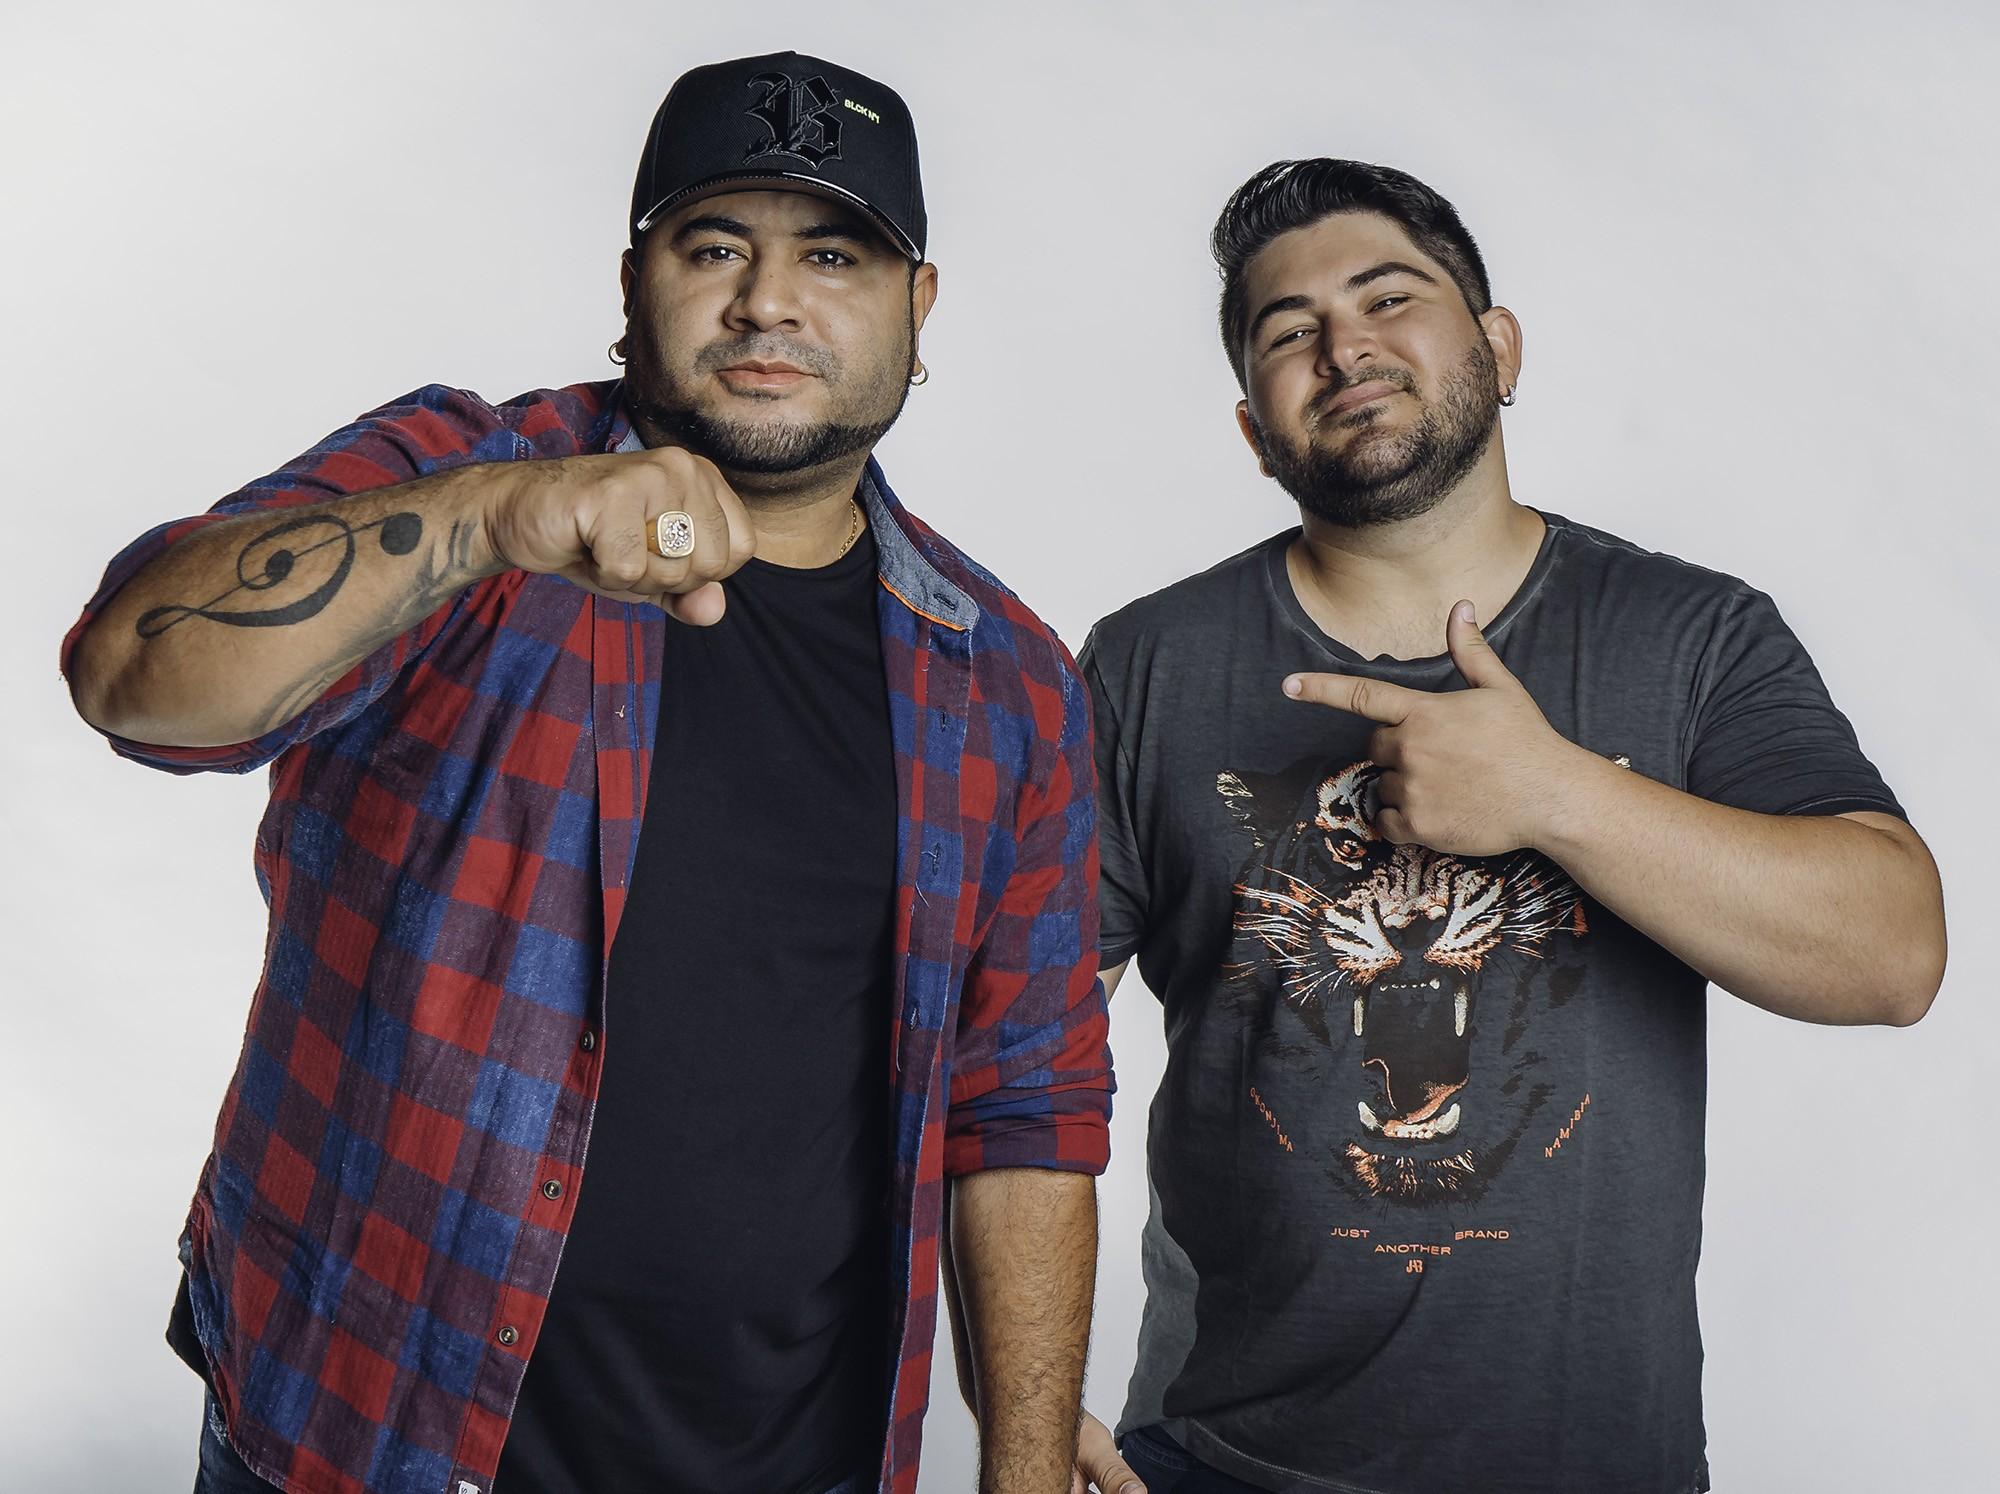 Barões da Pisadinha revivem sucesso do cantor de forró Caio Costta entre as músicas inéditas do álbum 'Da roça pra cidade'